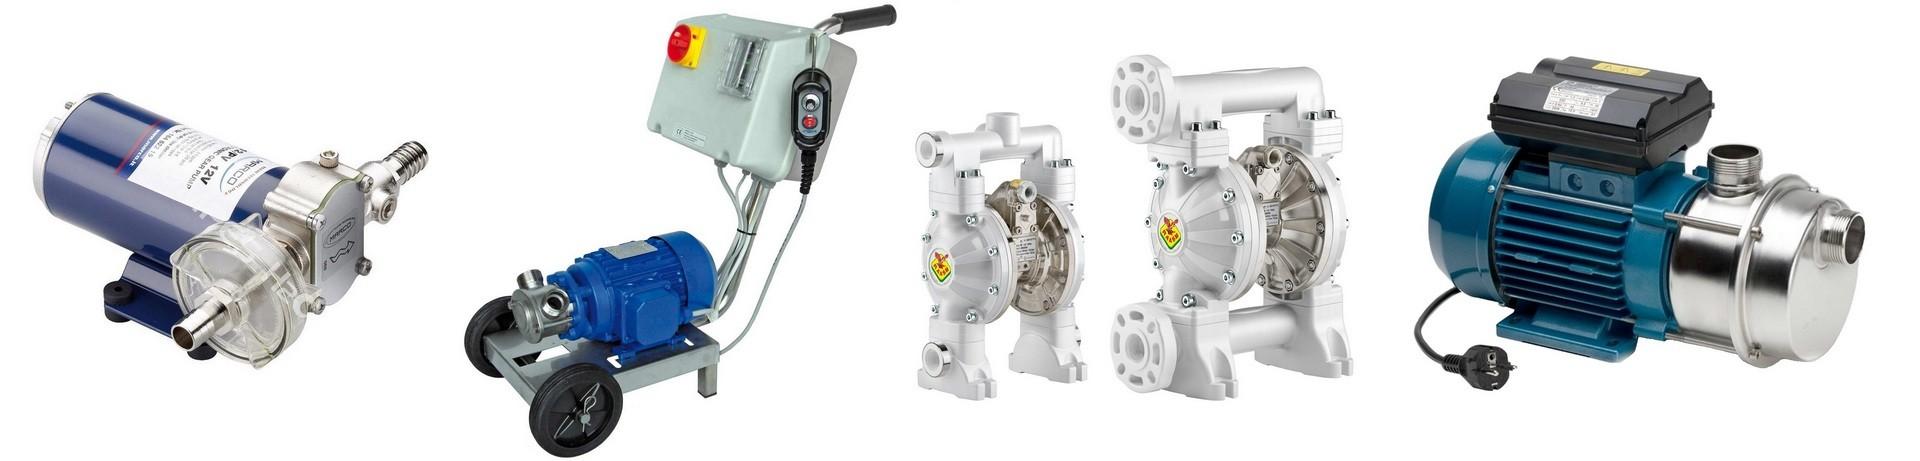 kako izabrati pumpu